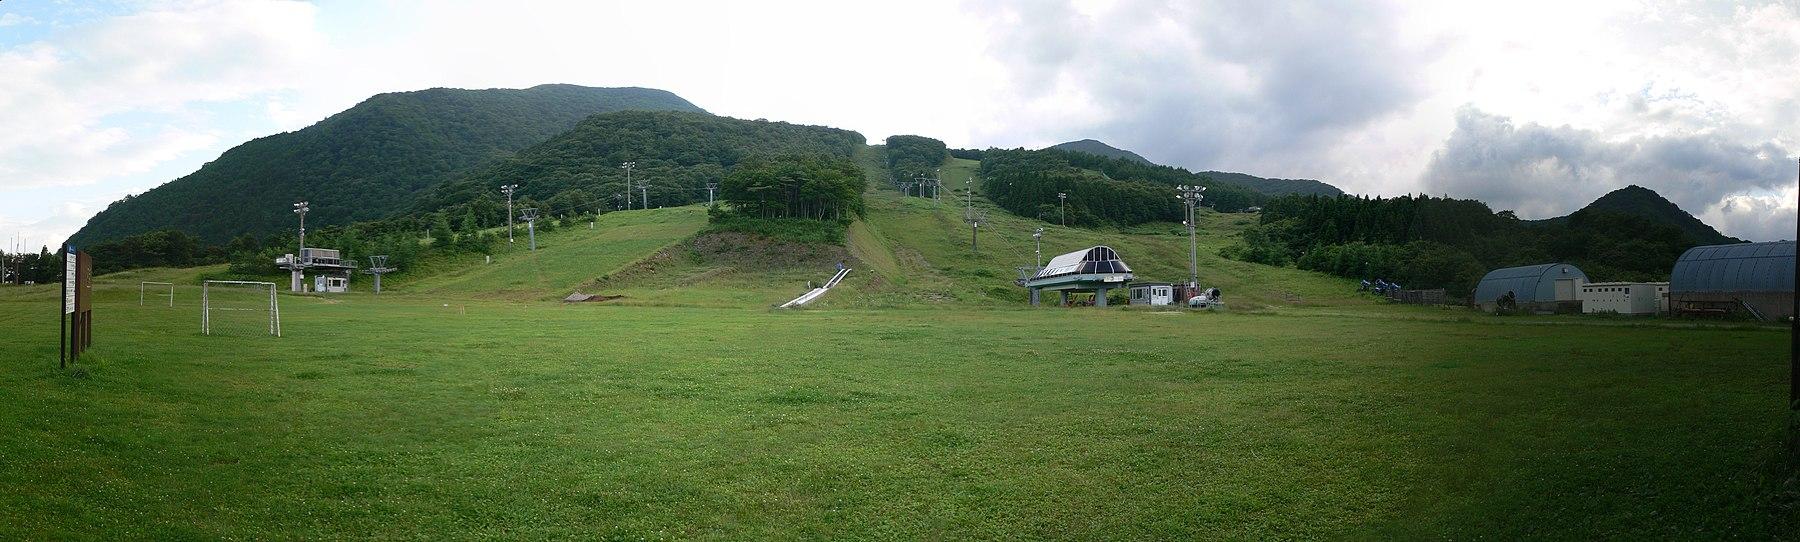 スプリングバレー泉高原スキー場 - panoramio.jpg